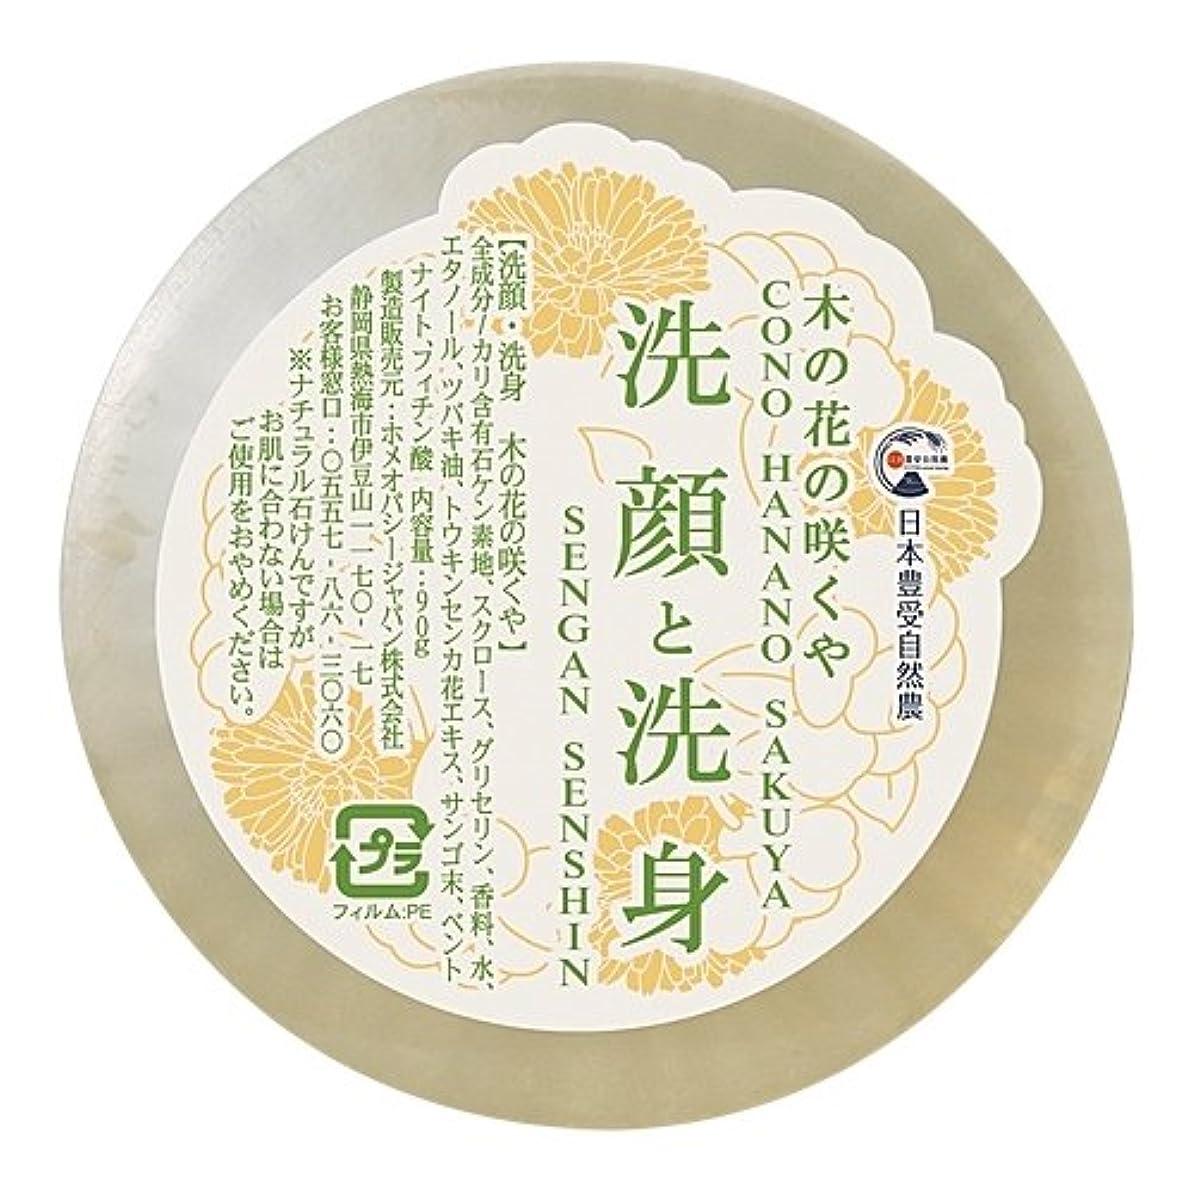 里親代理店暫定日本豊受自然農 木の花の咲くや 洗顔?洗身ソープ 90g